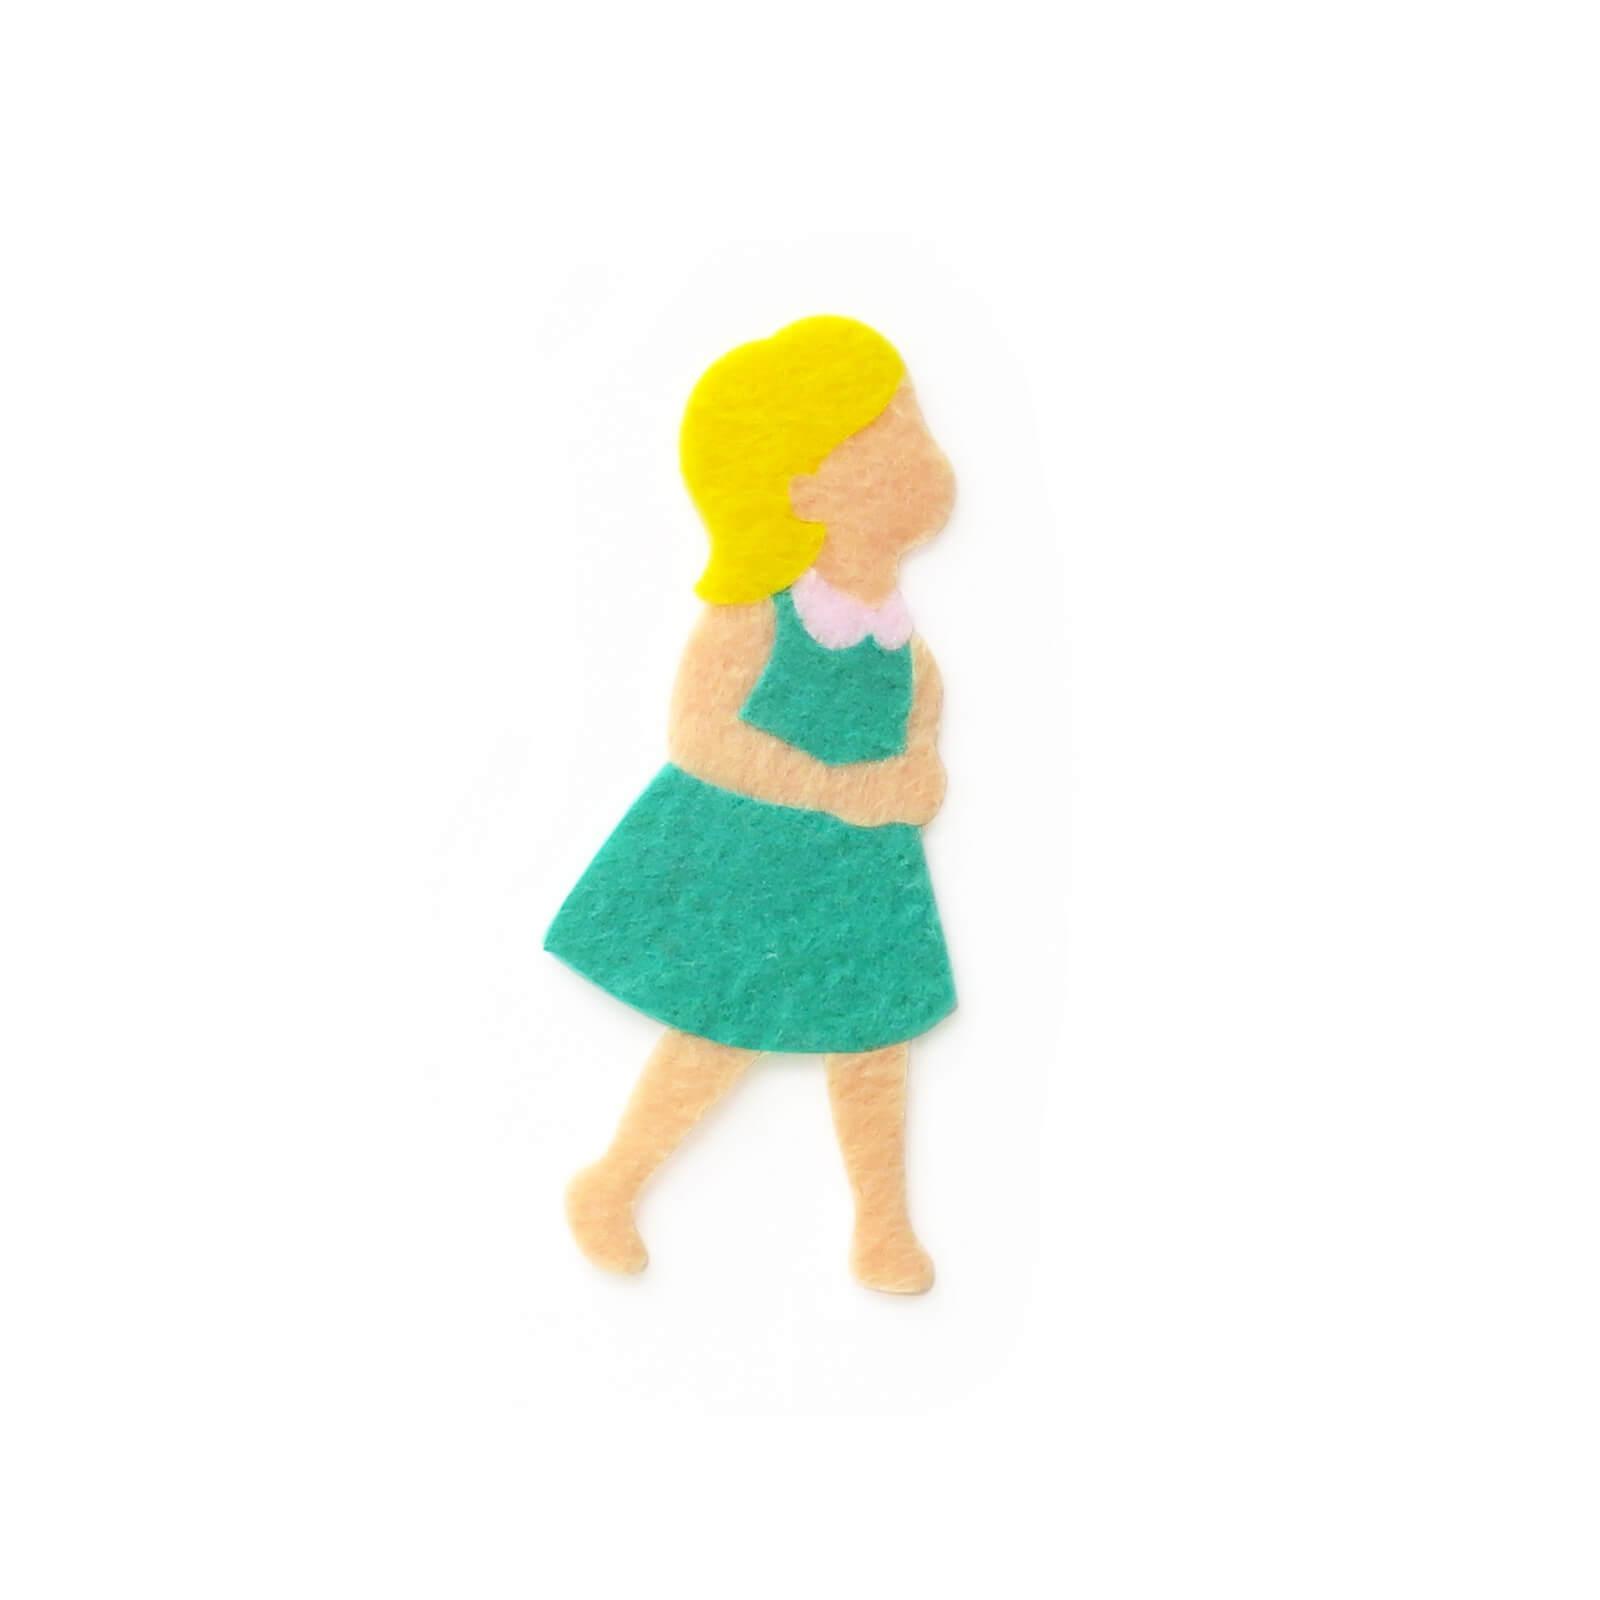 おしゃれなフェルトのエメラルド服の女の子のアップリケ(ワッペン)